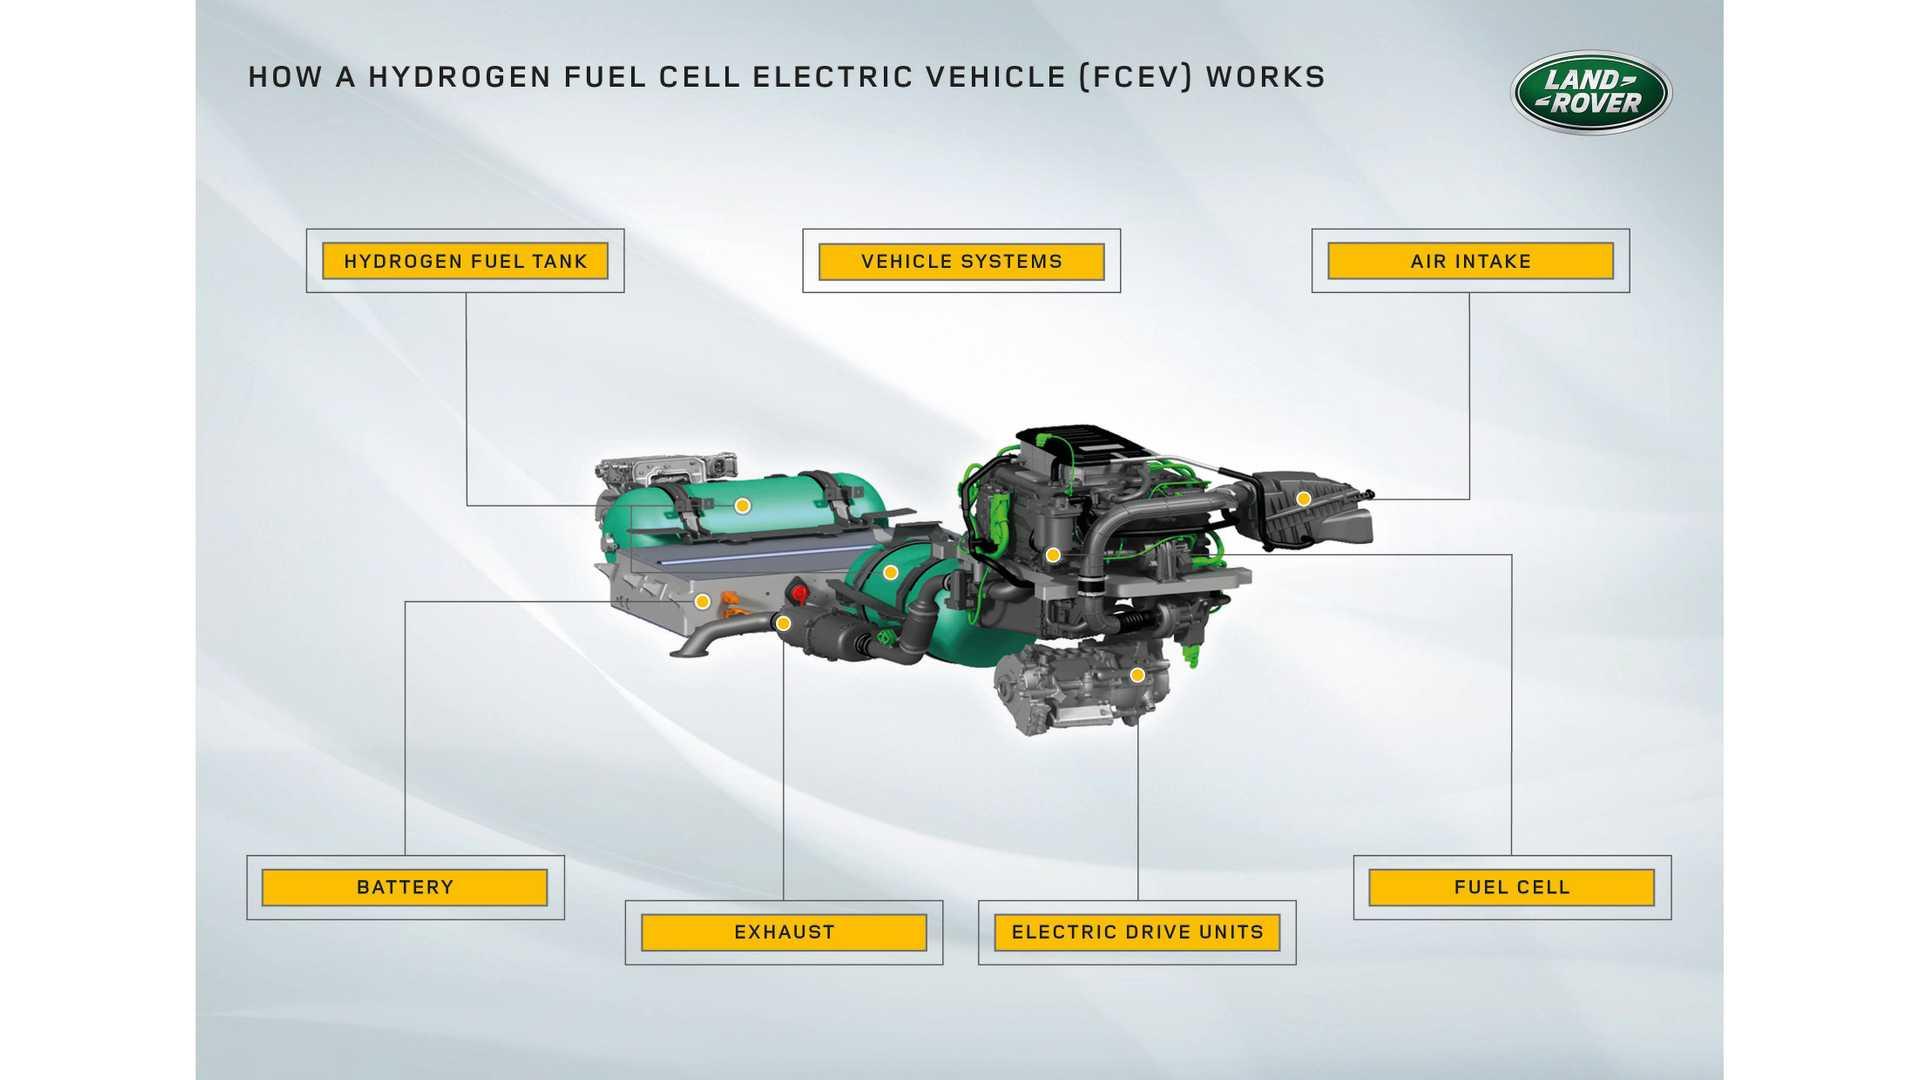 پیل سوختی خودروی هیدروژنی جگوار لند روور دیفندر